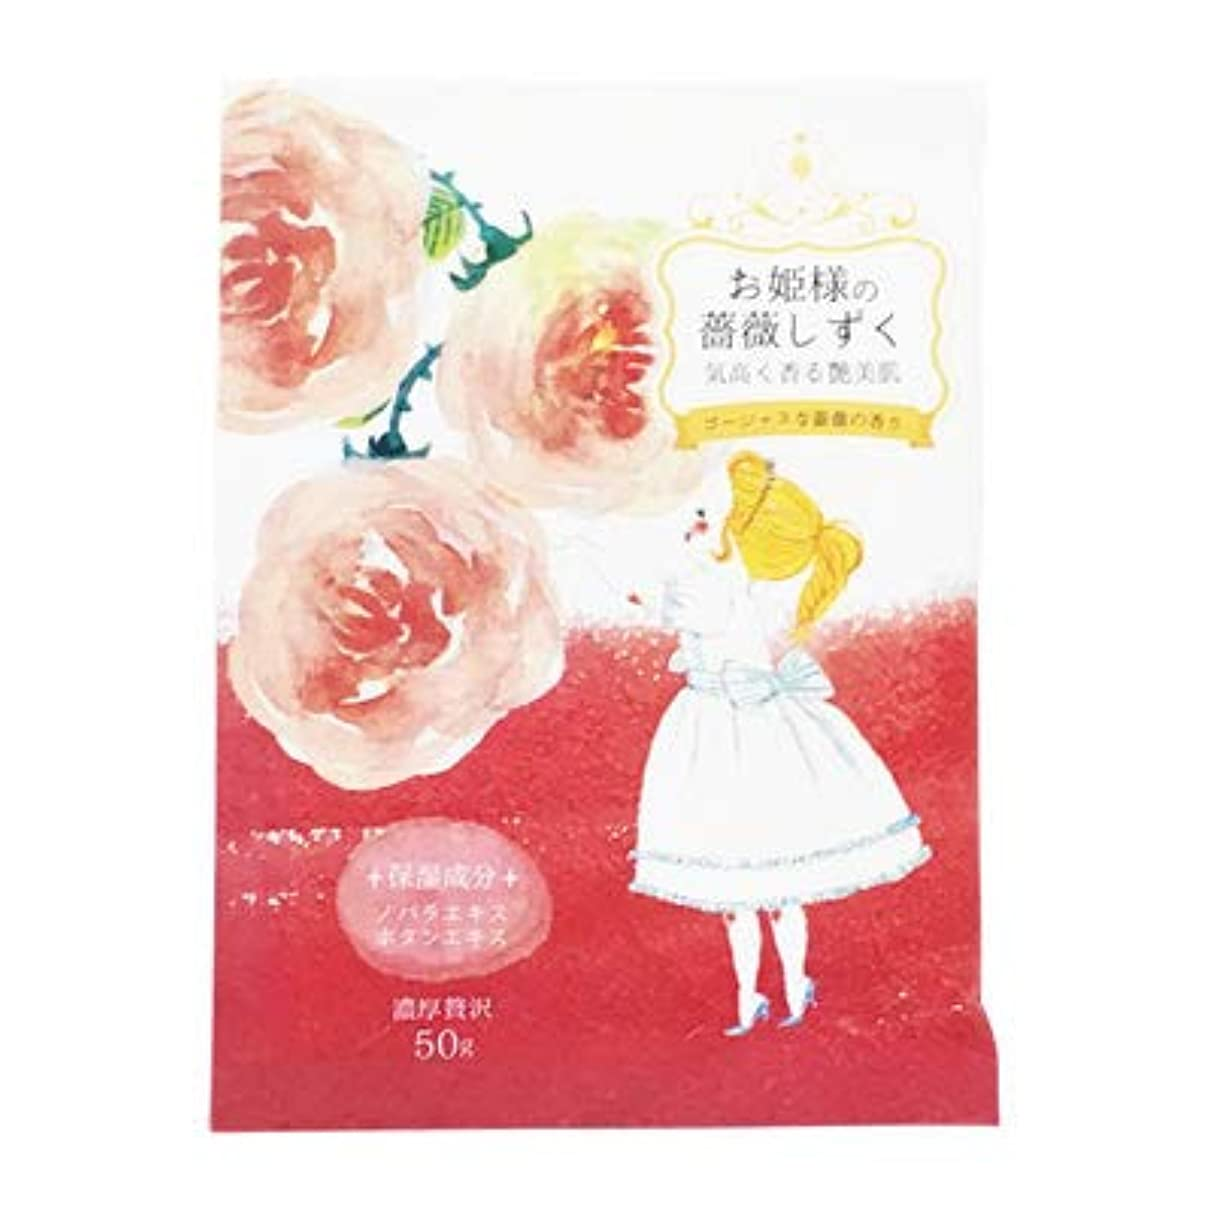 敵意ロバと組む【まとめ買い6個セット】 お姫様風呂 薔薇しずく